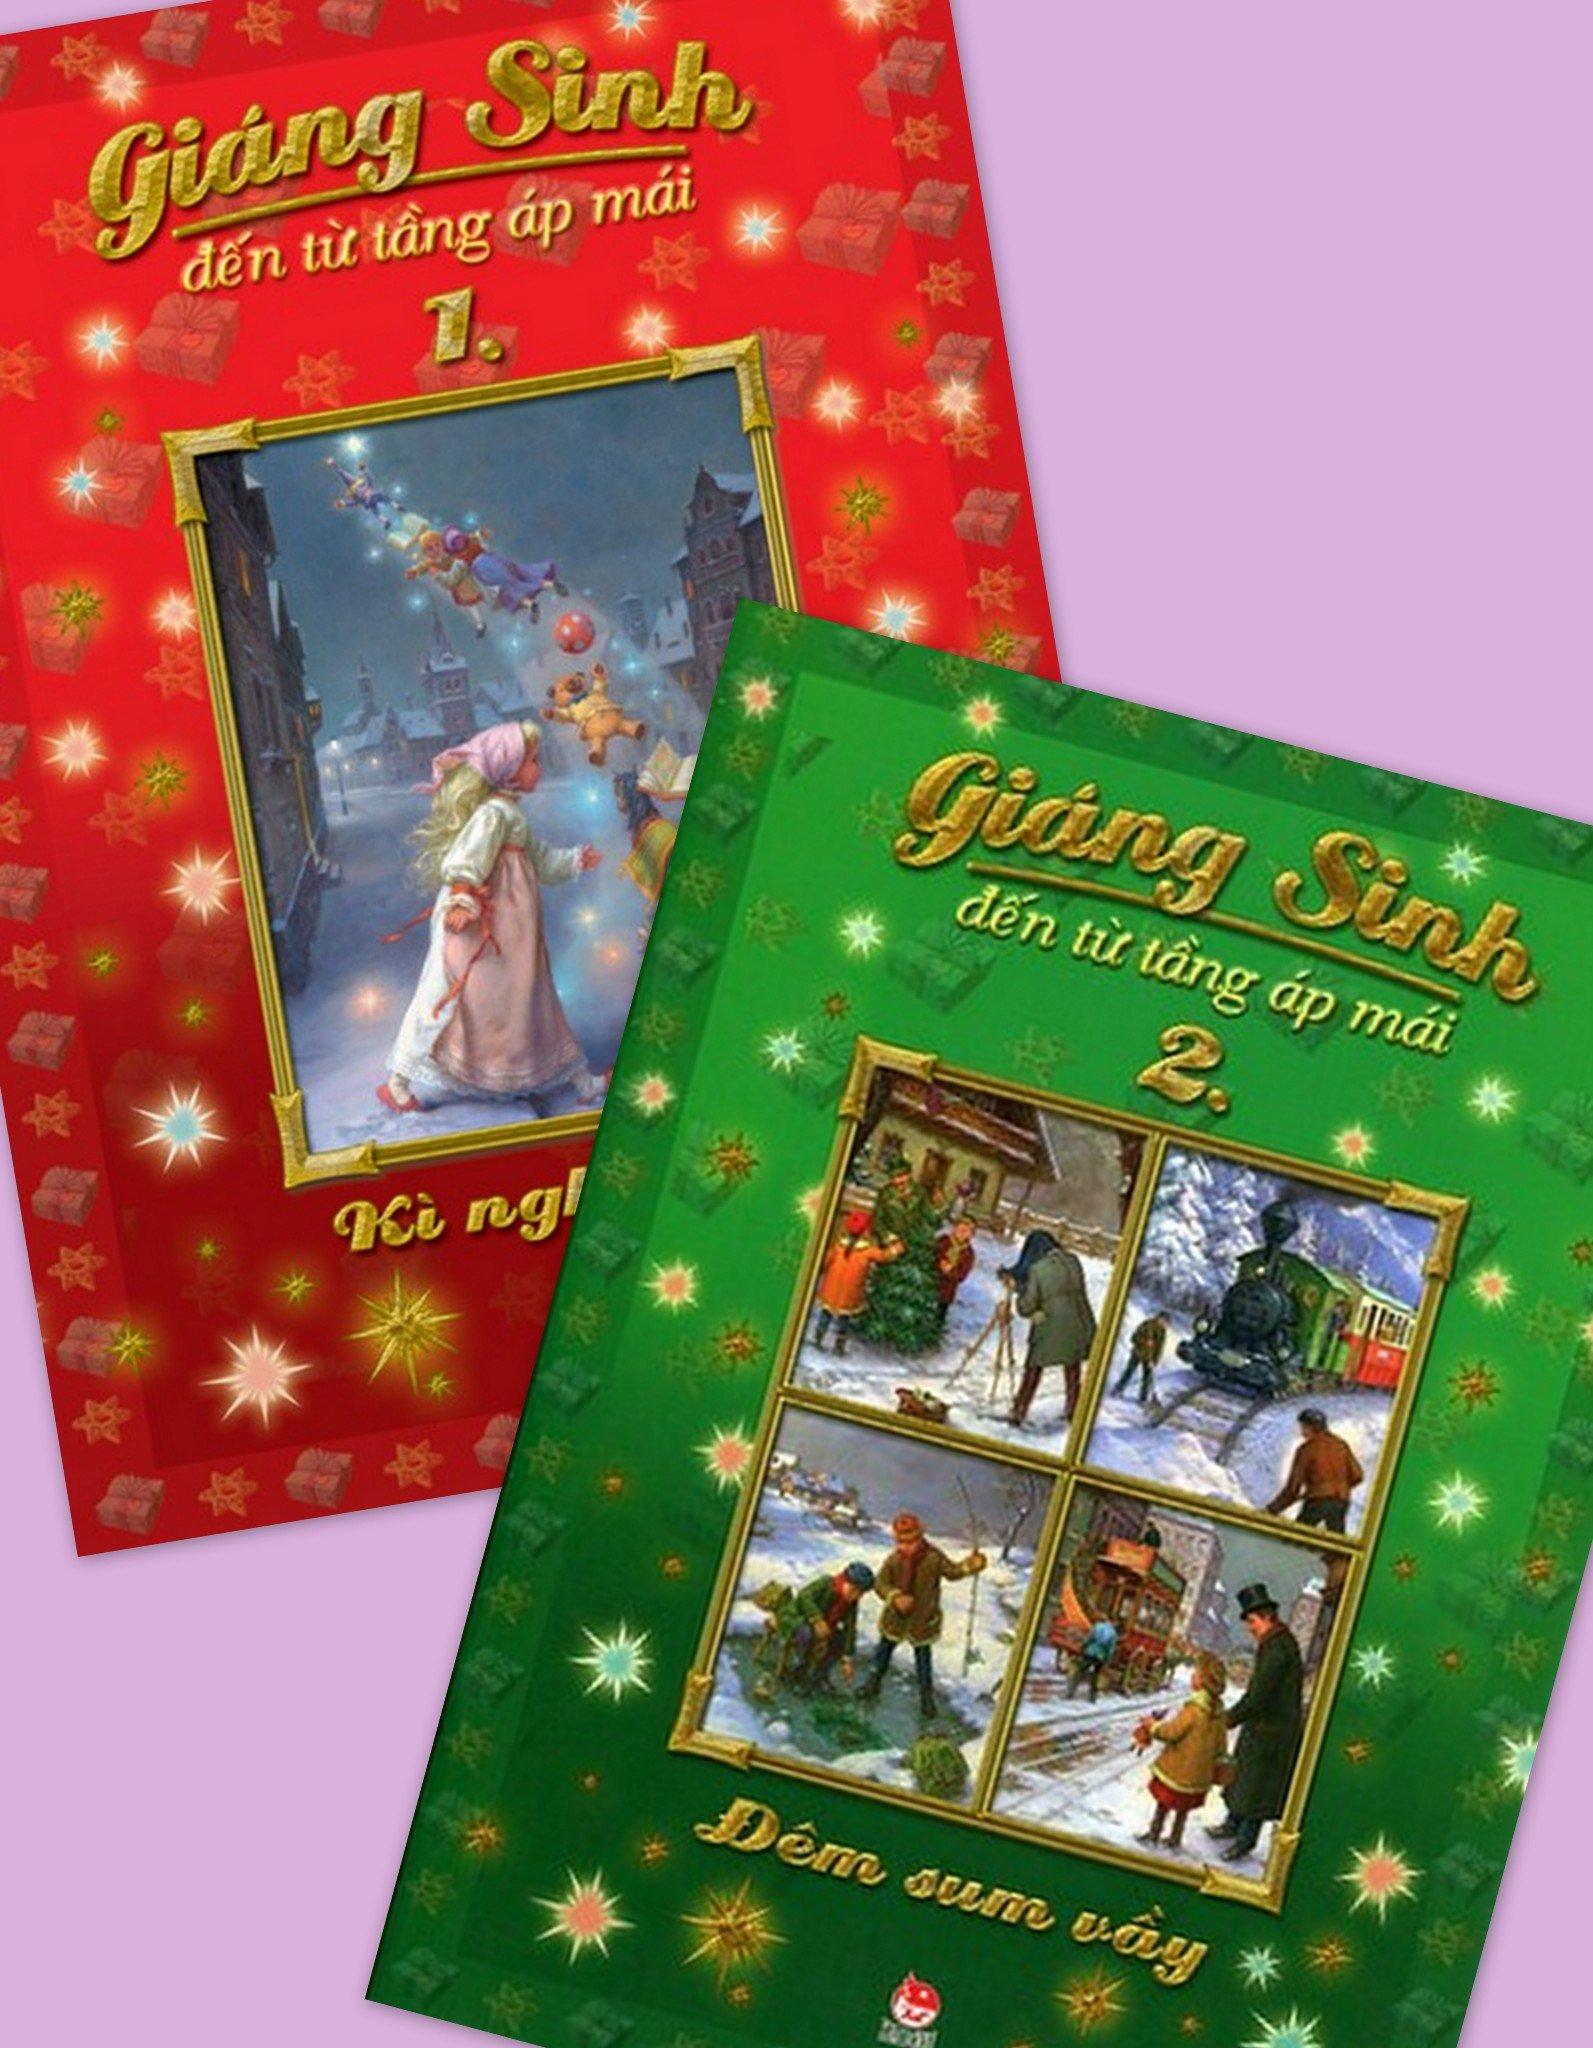 Sách Giáng sinh siêu đáng yêu cho bé (Ảnh: Bookdi)